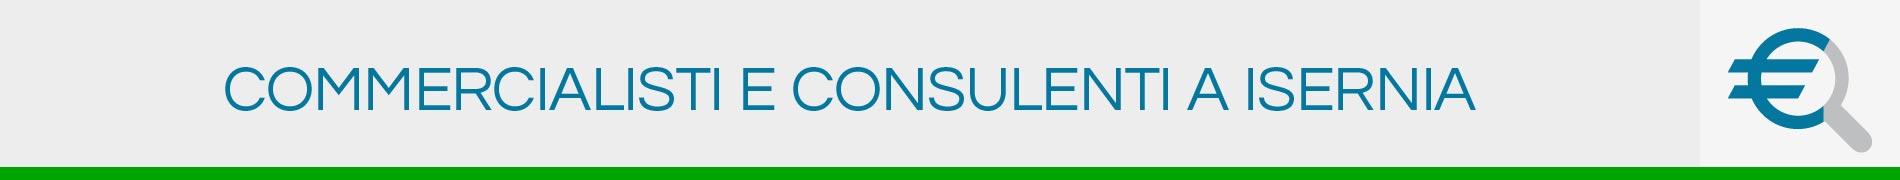 Commercialisti e Consulenti a Isernia